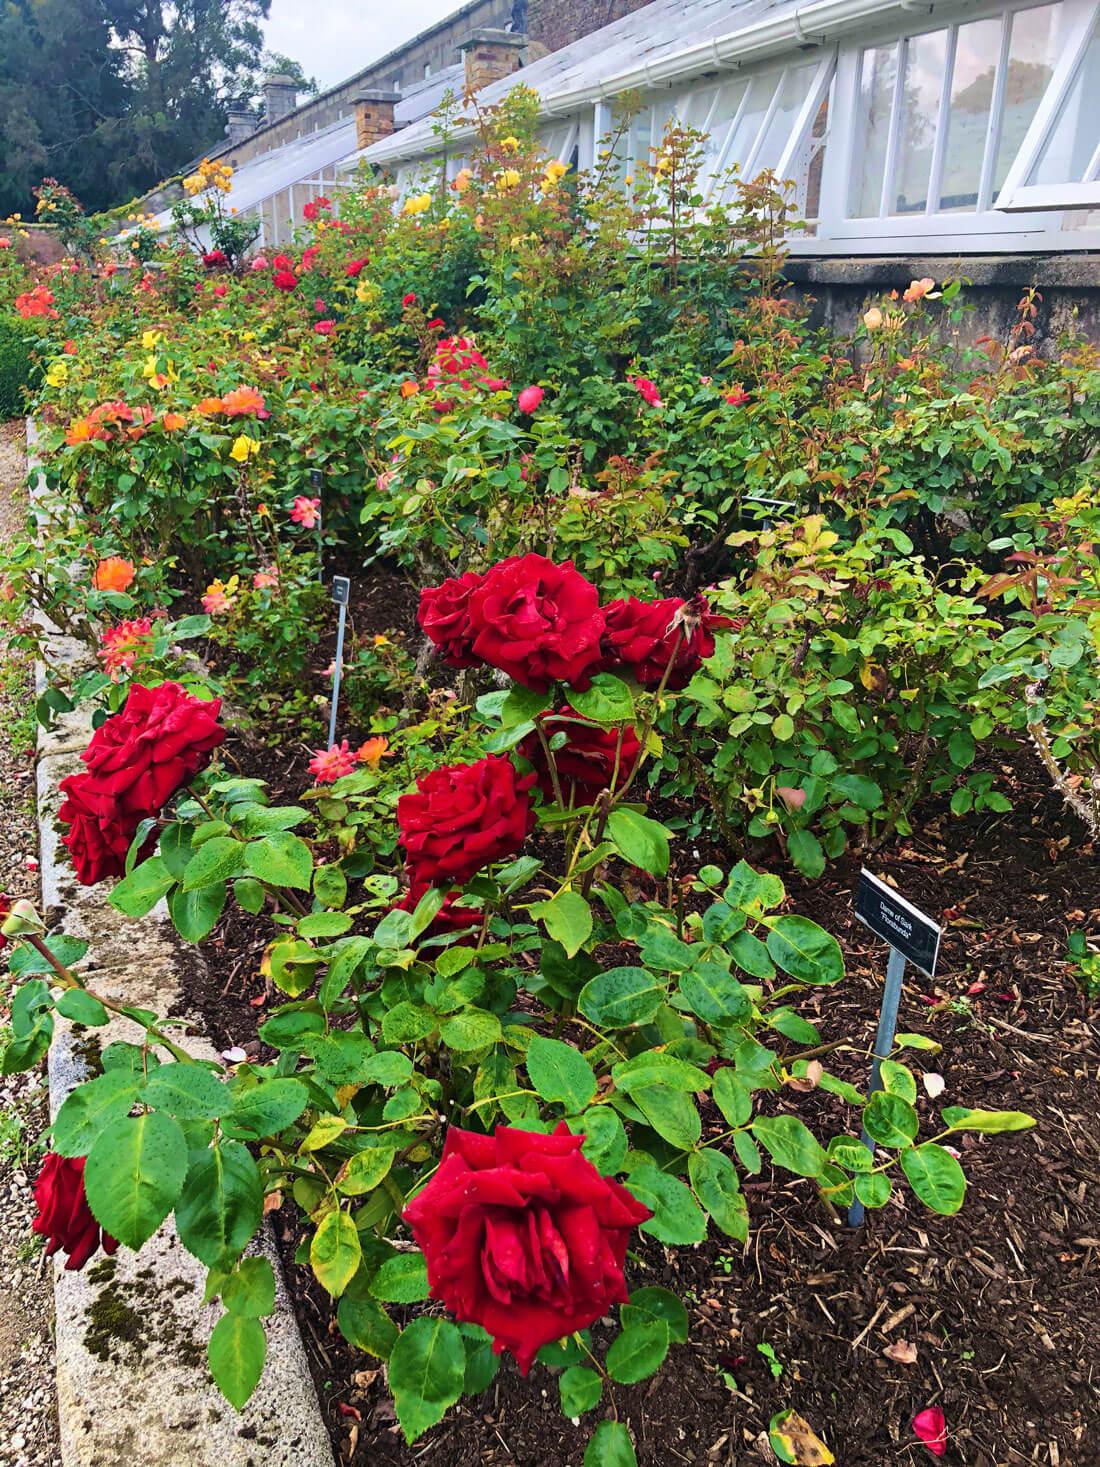 Gardens at Powerscourt Estate in Ireland